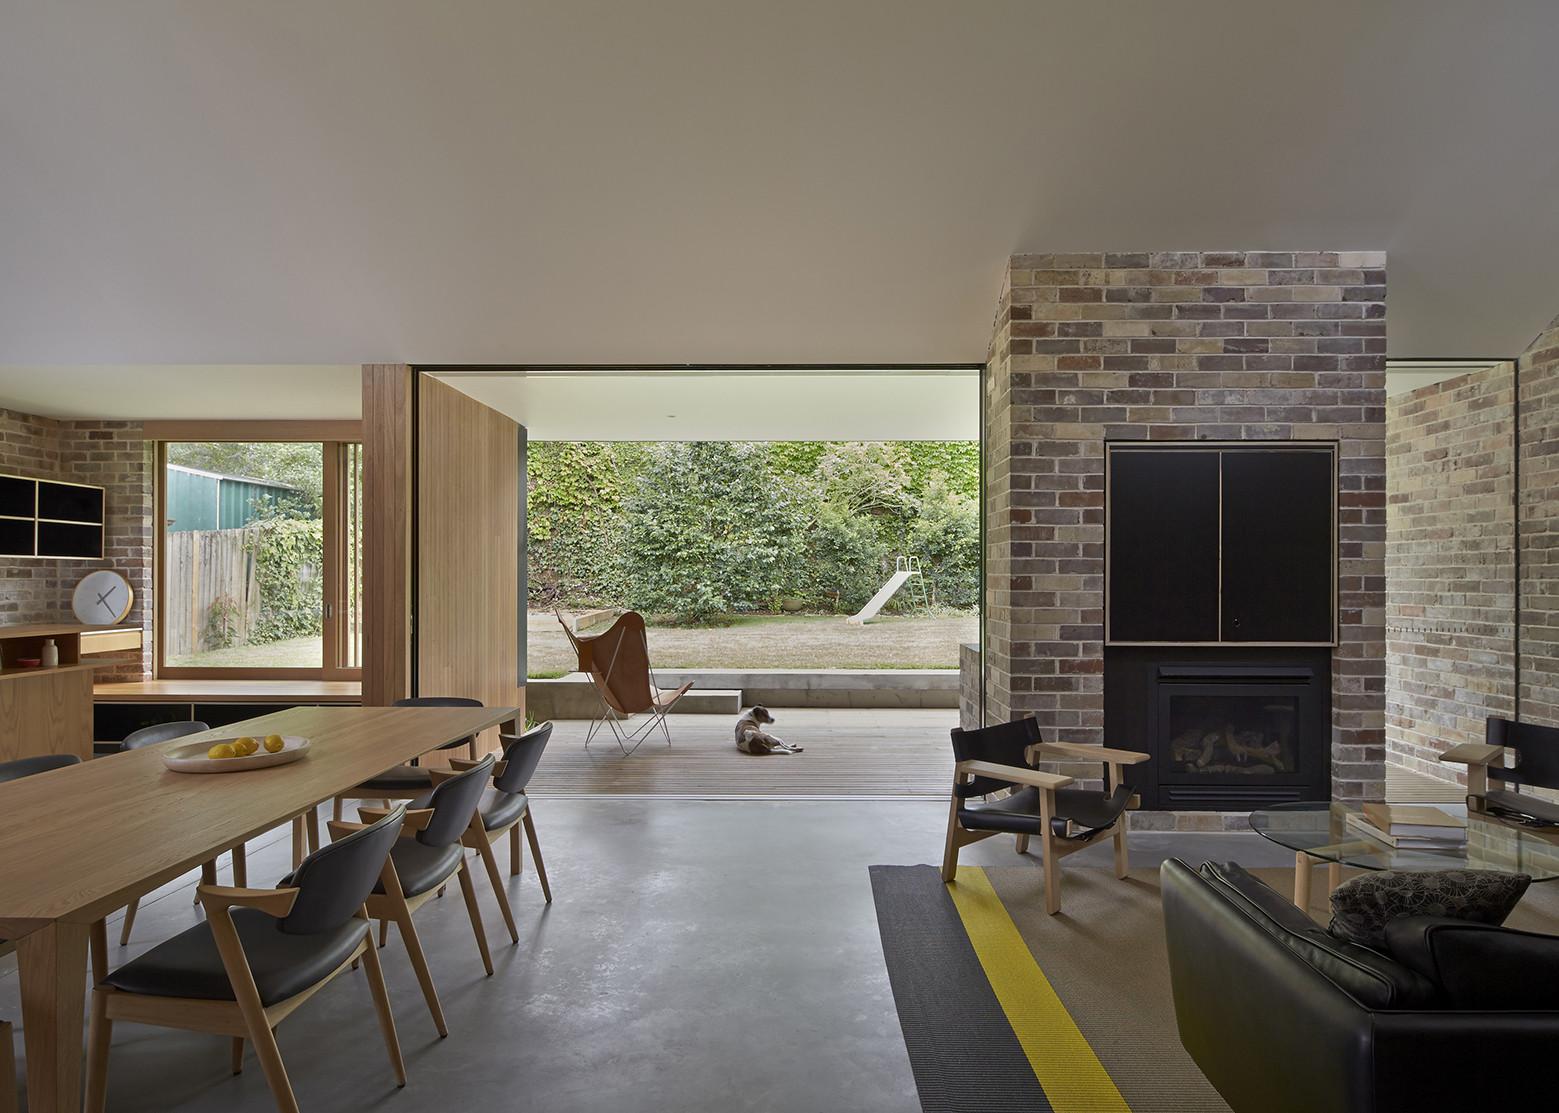 Galería de Casa Tragaluz / Andrew Burges Architects - 11